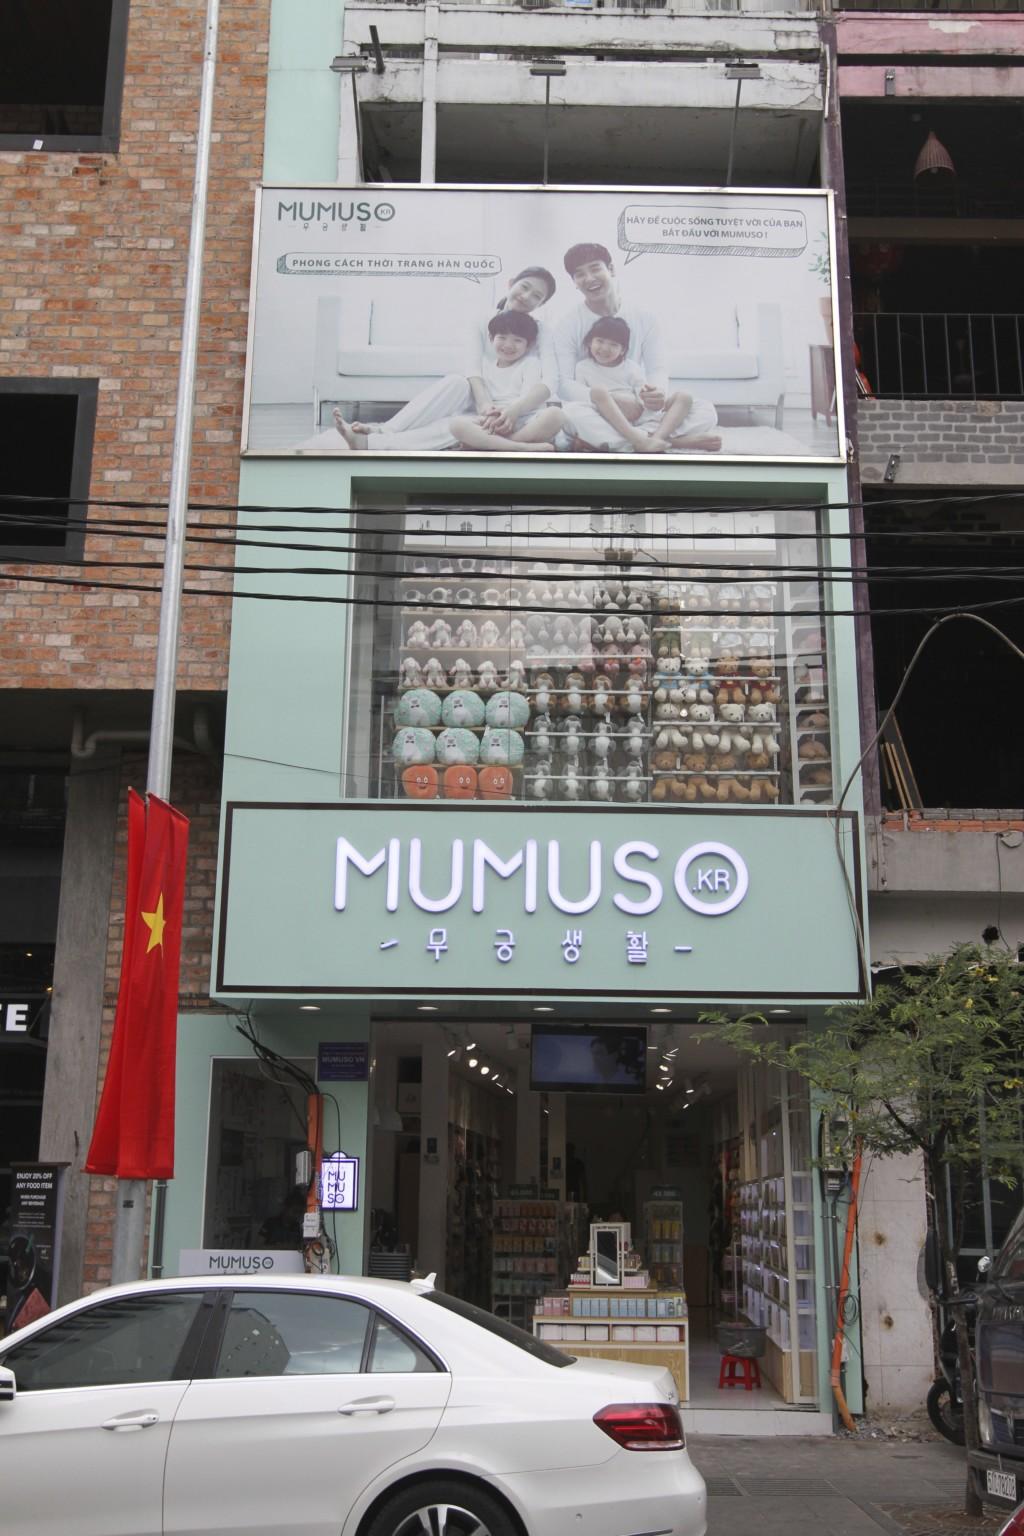 なんと、「メイソウ」のパクリが新たに登場。その名も「MUMUSO」